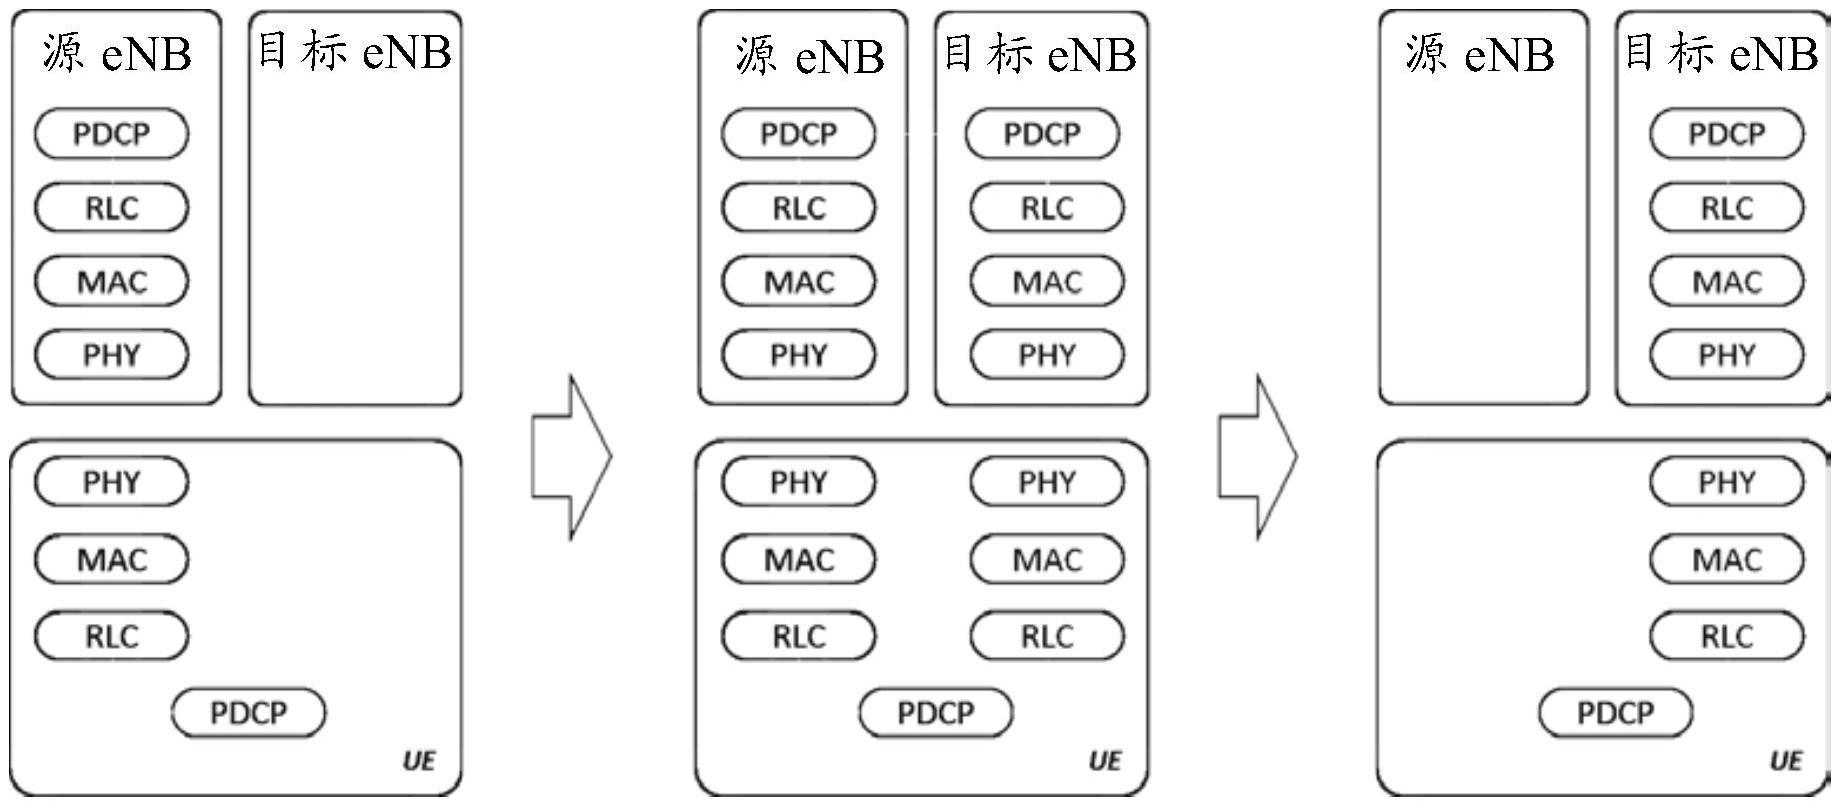 DAPS切换的方法、用户设备及计算机可读介质